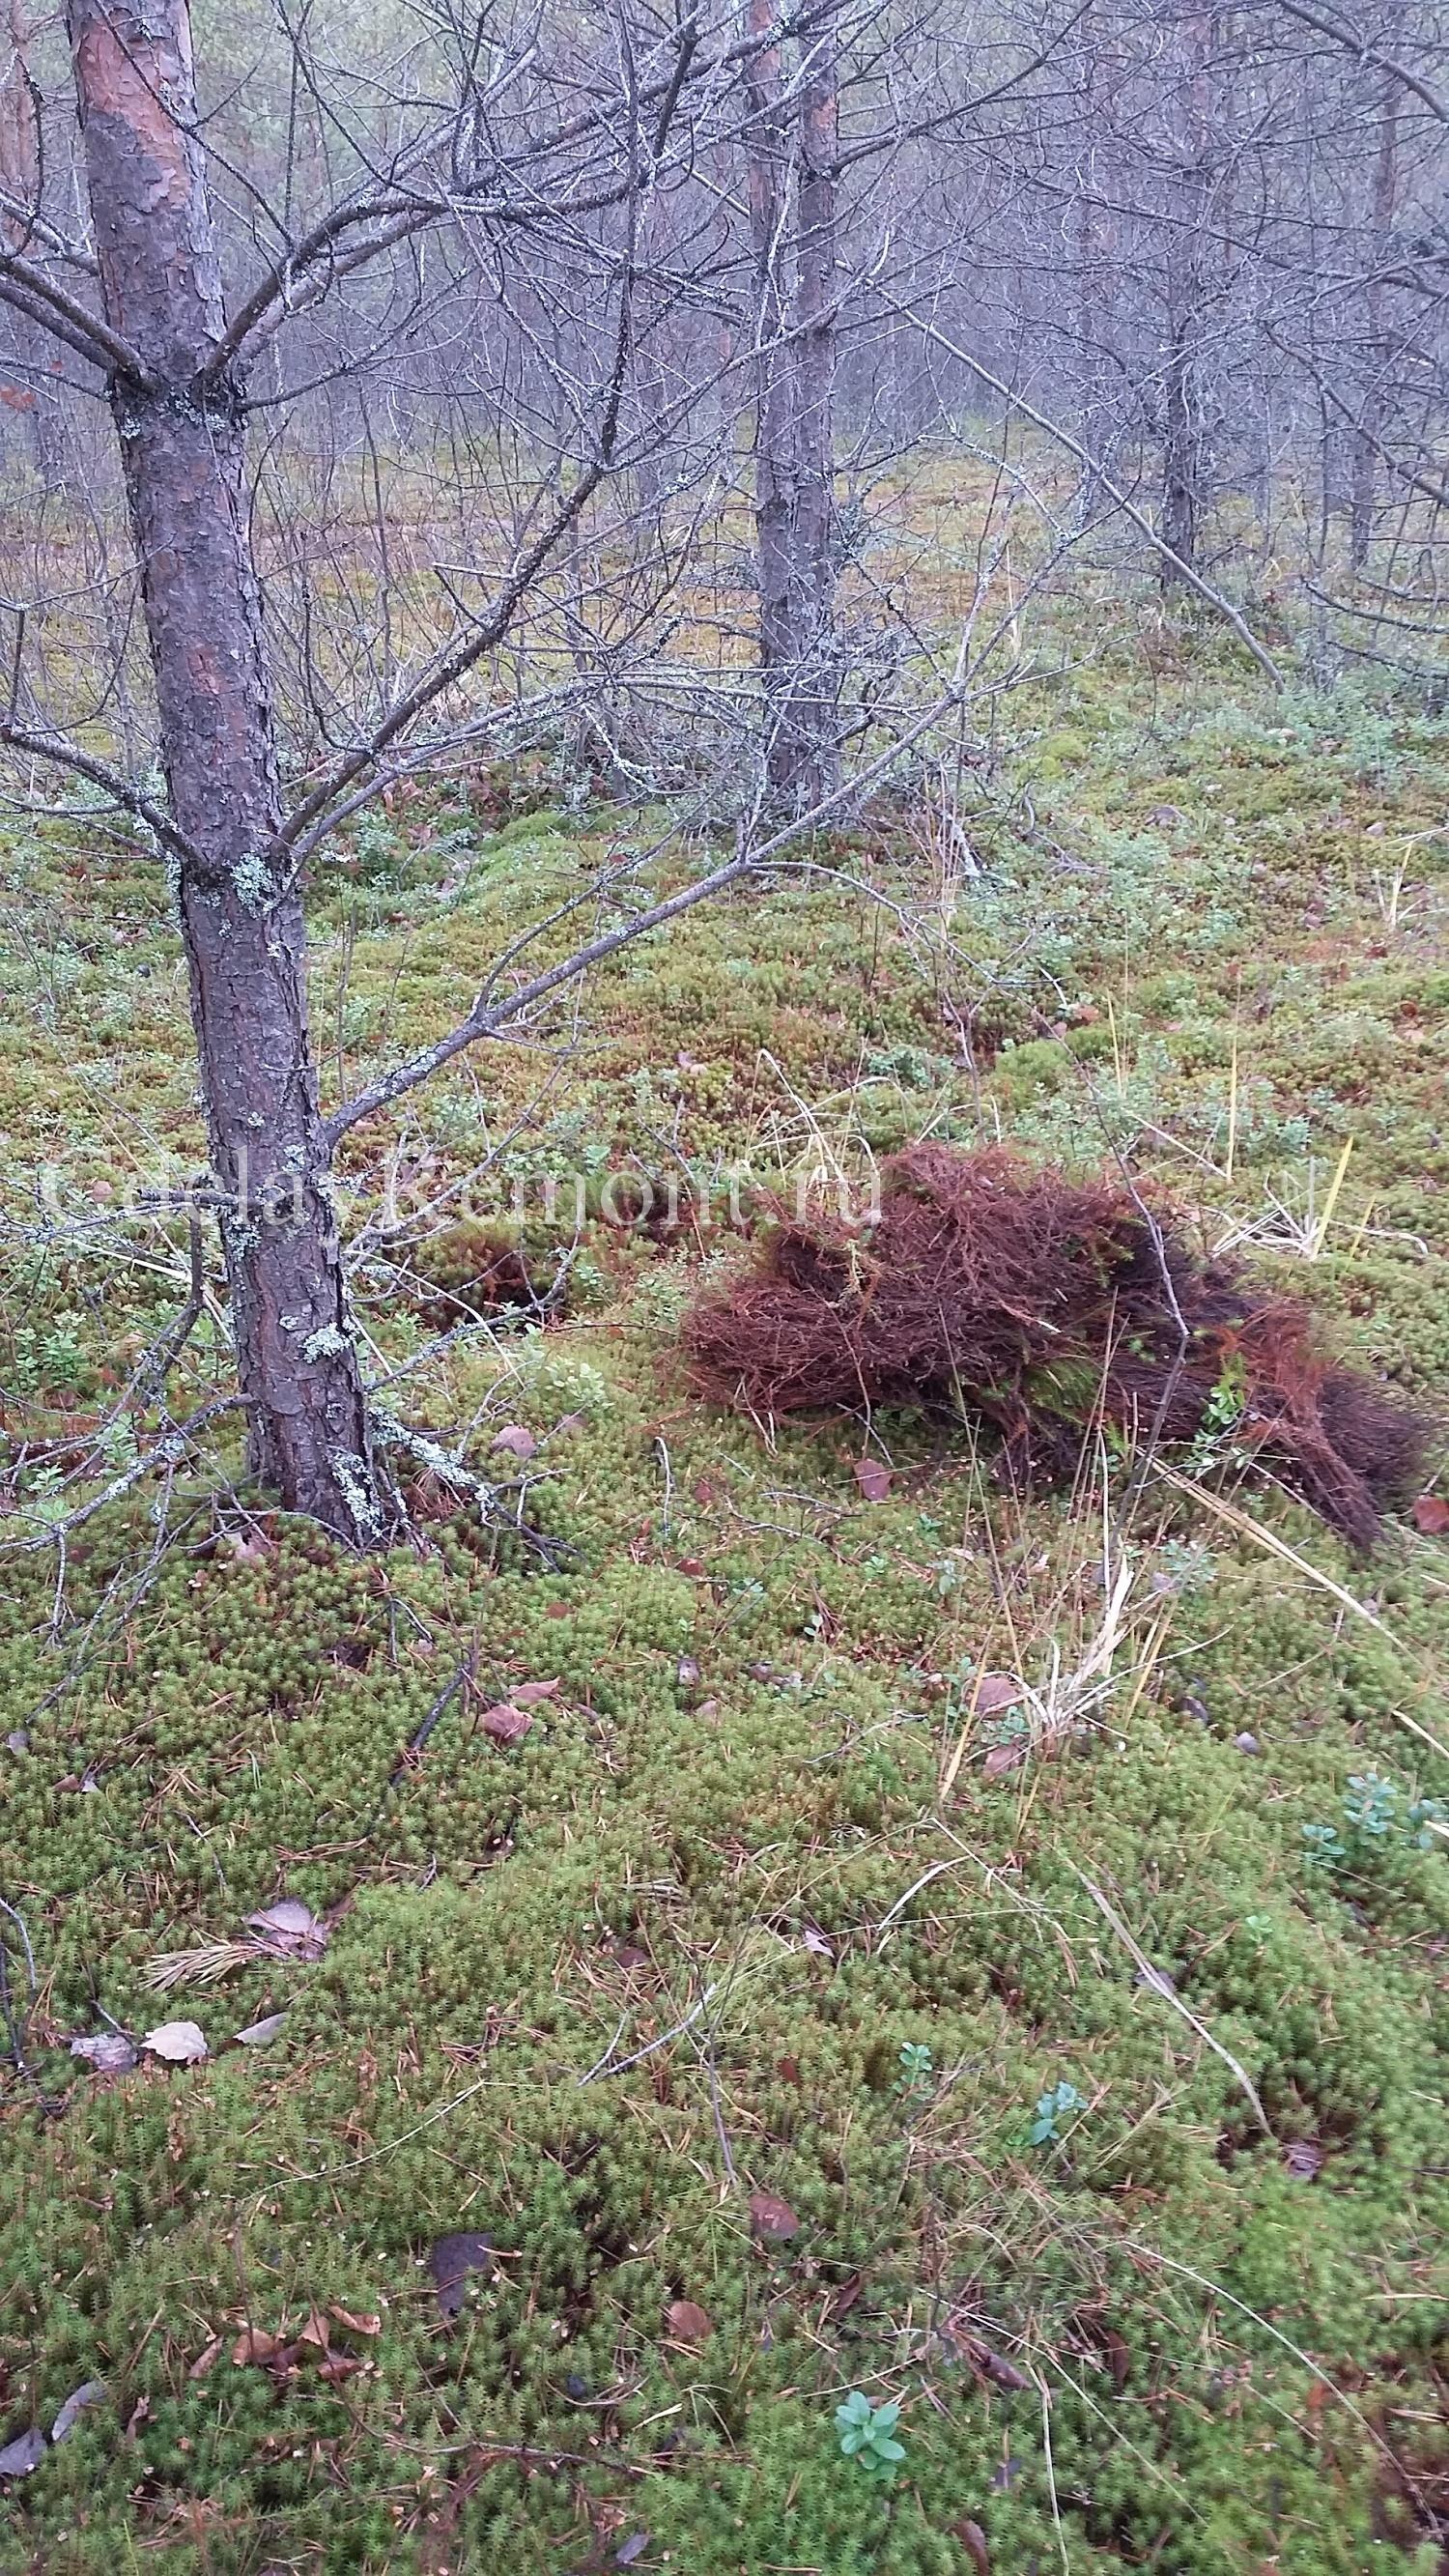 Сбор мха в лесу